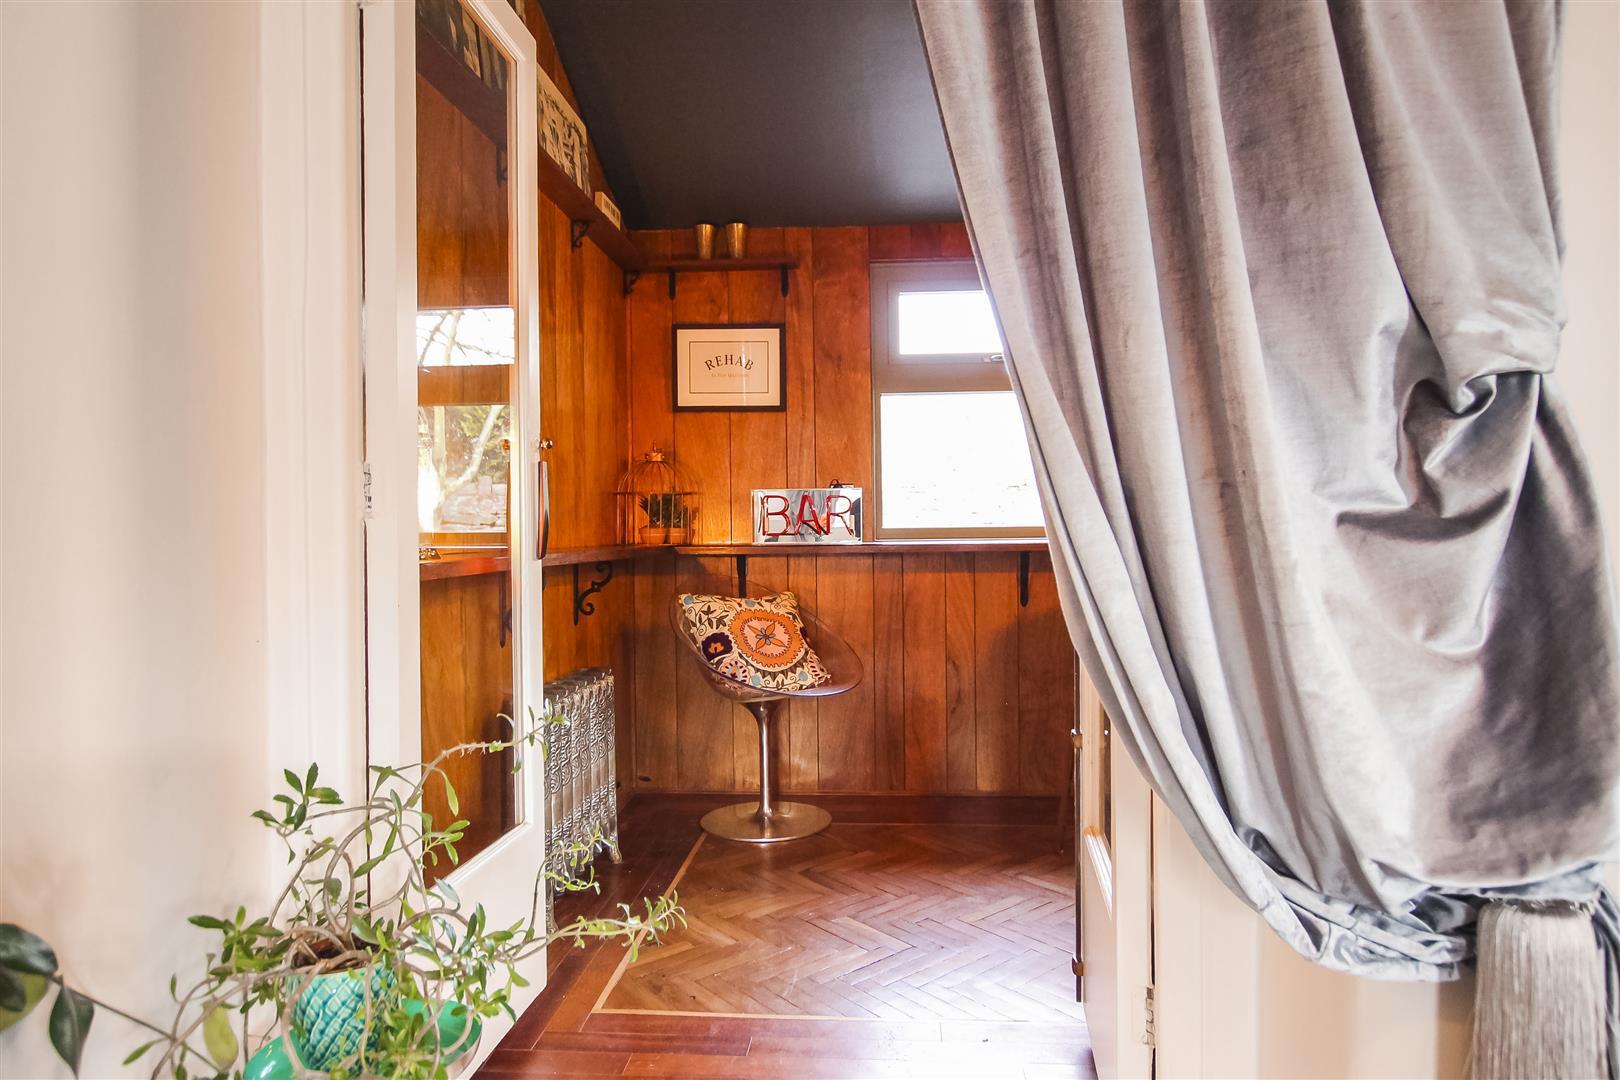 5 Bedroom Detached House For Sale - Bar / Snug